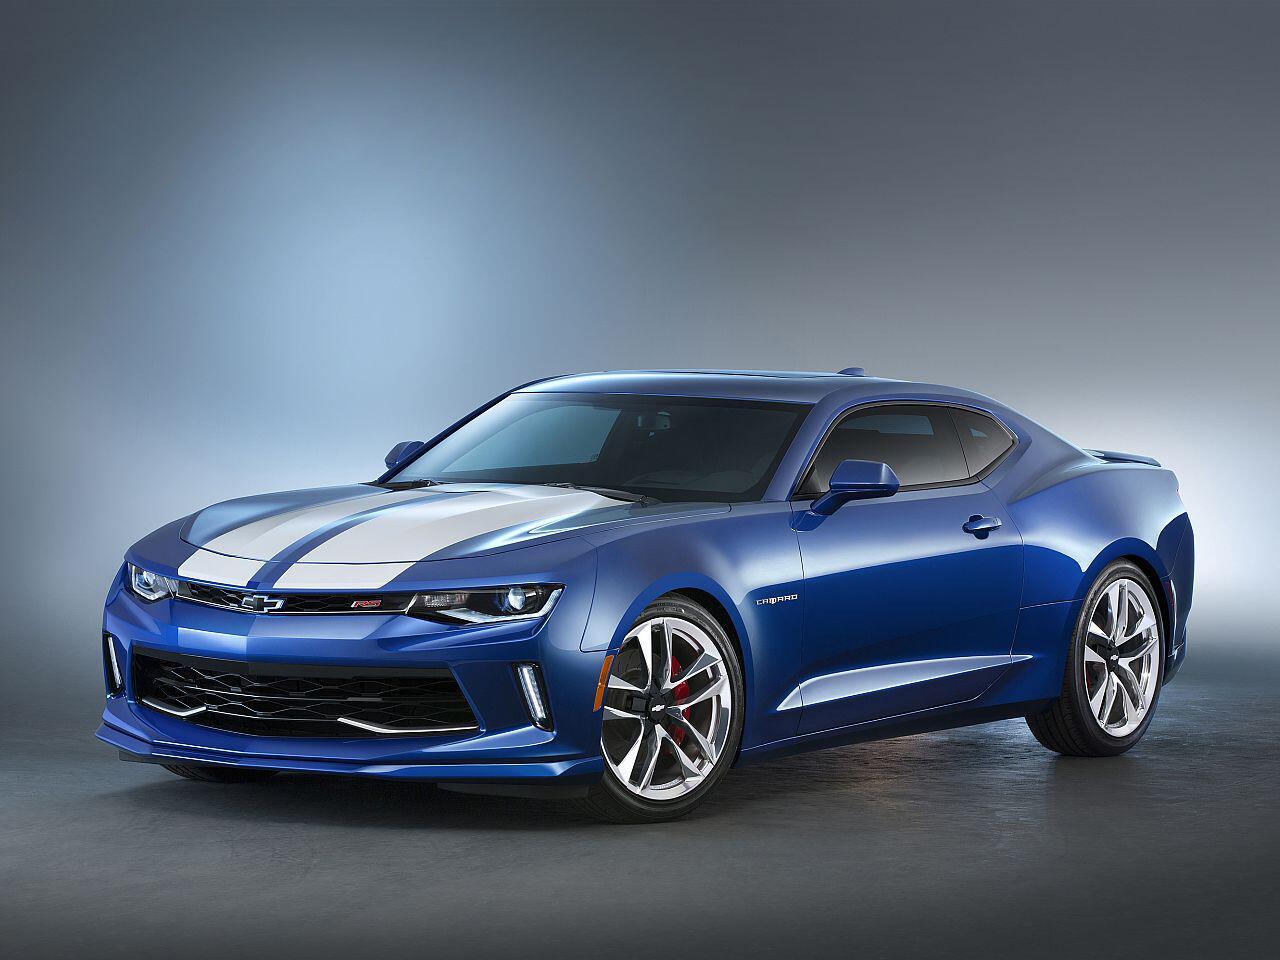 Bild zu Chevrolet Camaro Hyper